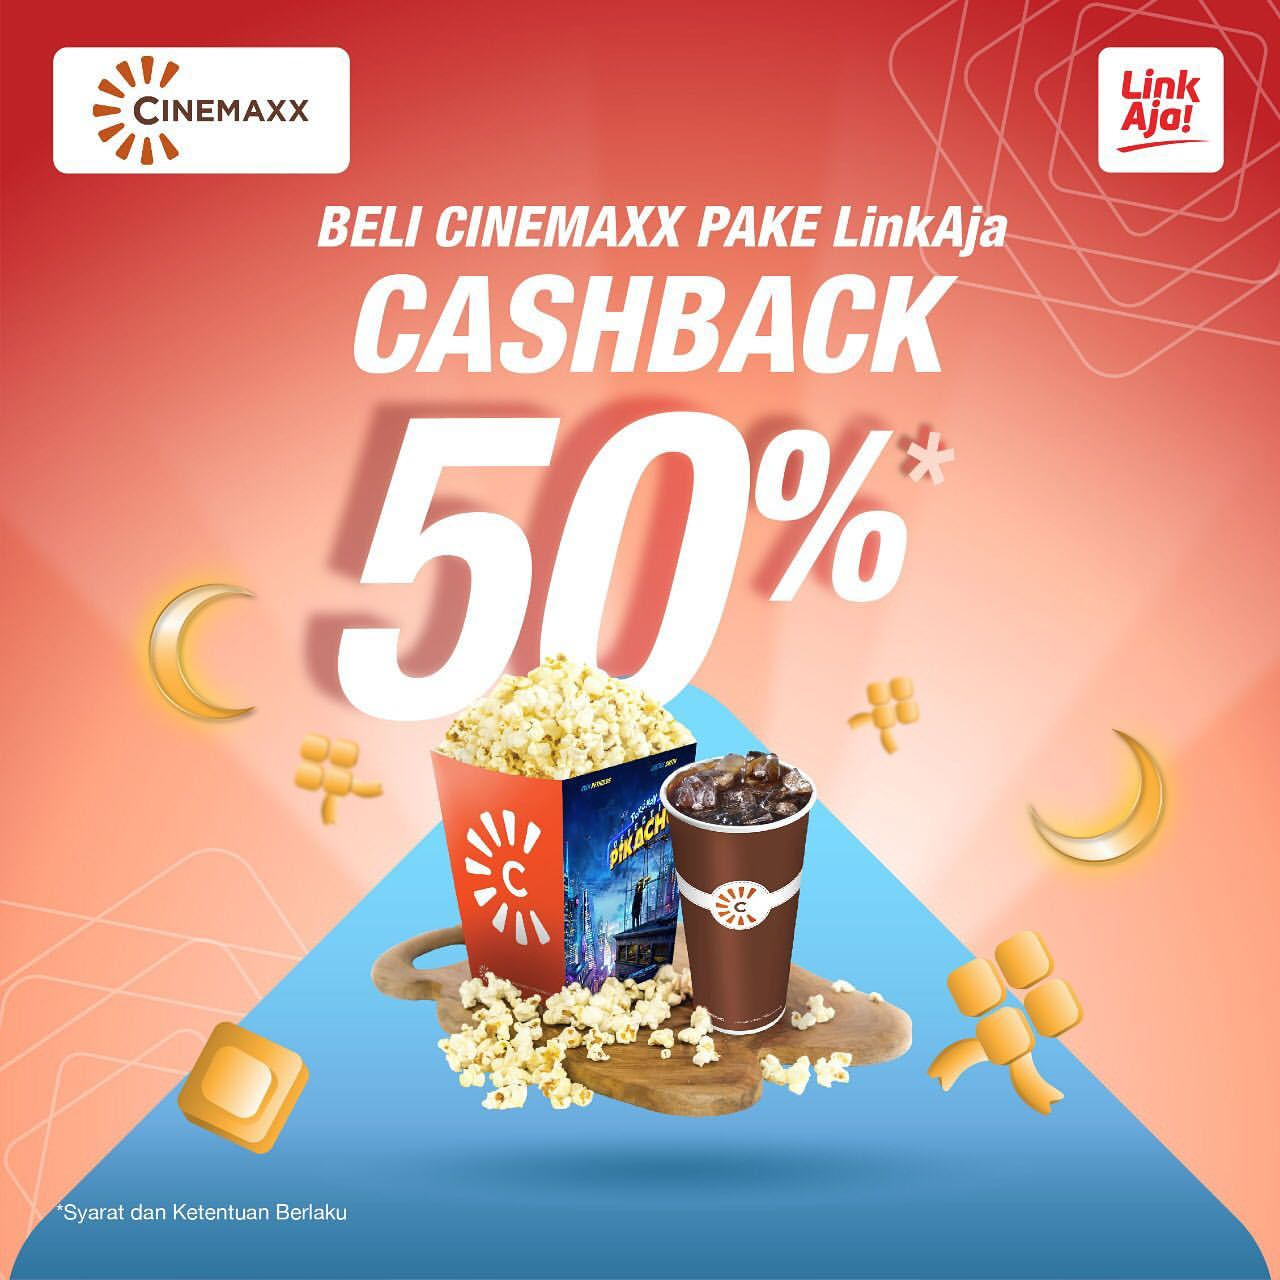 CINEMAXX Promo Cashback 50% dengan LinkAja